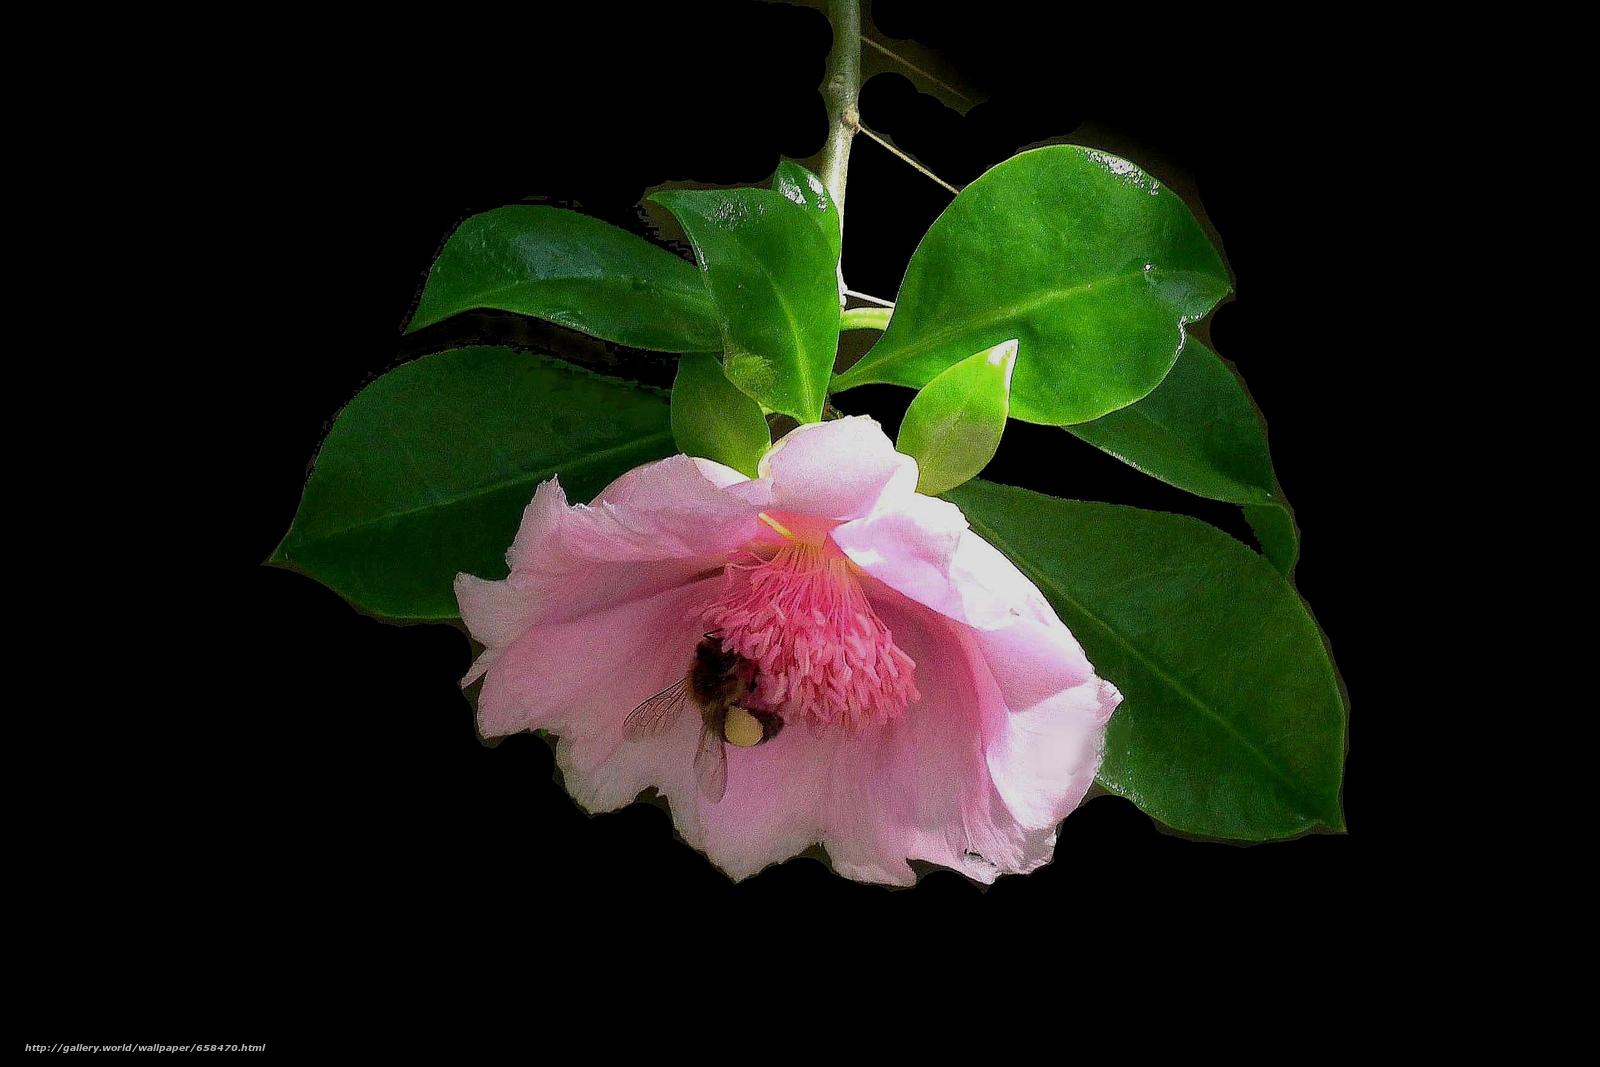 下载壁纸 花,  花卉,  植物群 免费为您的桌面分辨率的壁纸 2550x1700 — 图片 №658470